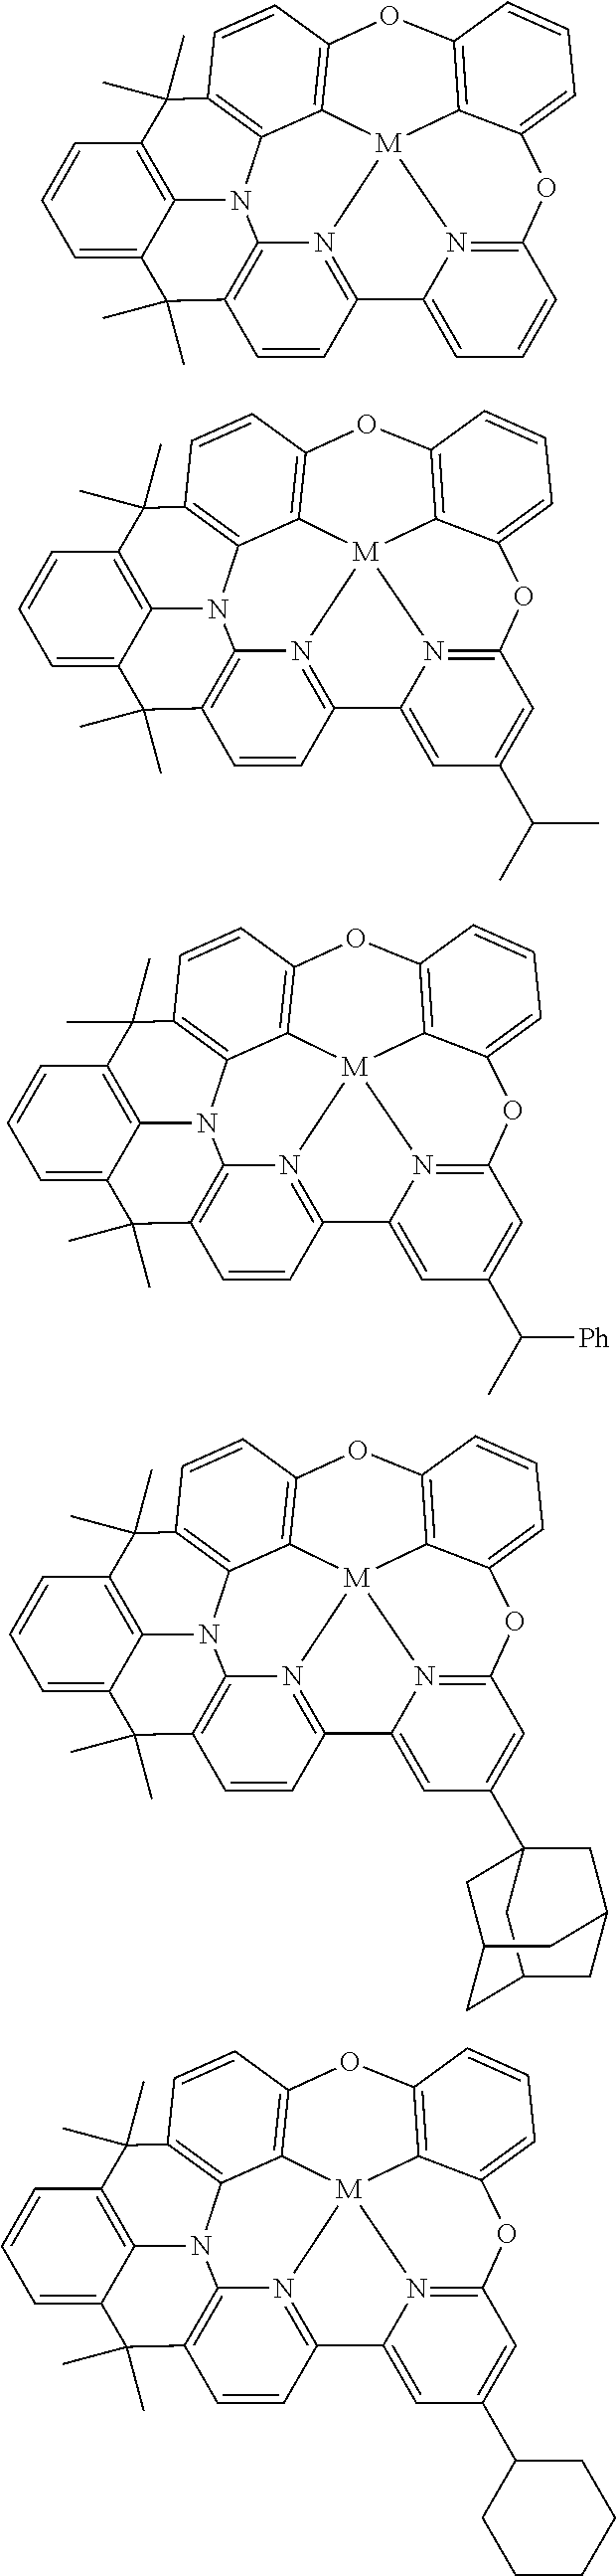 Figure US10158091-20181218-C00106